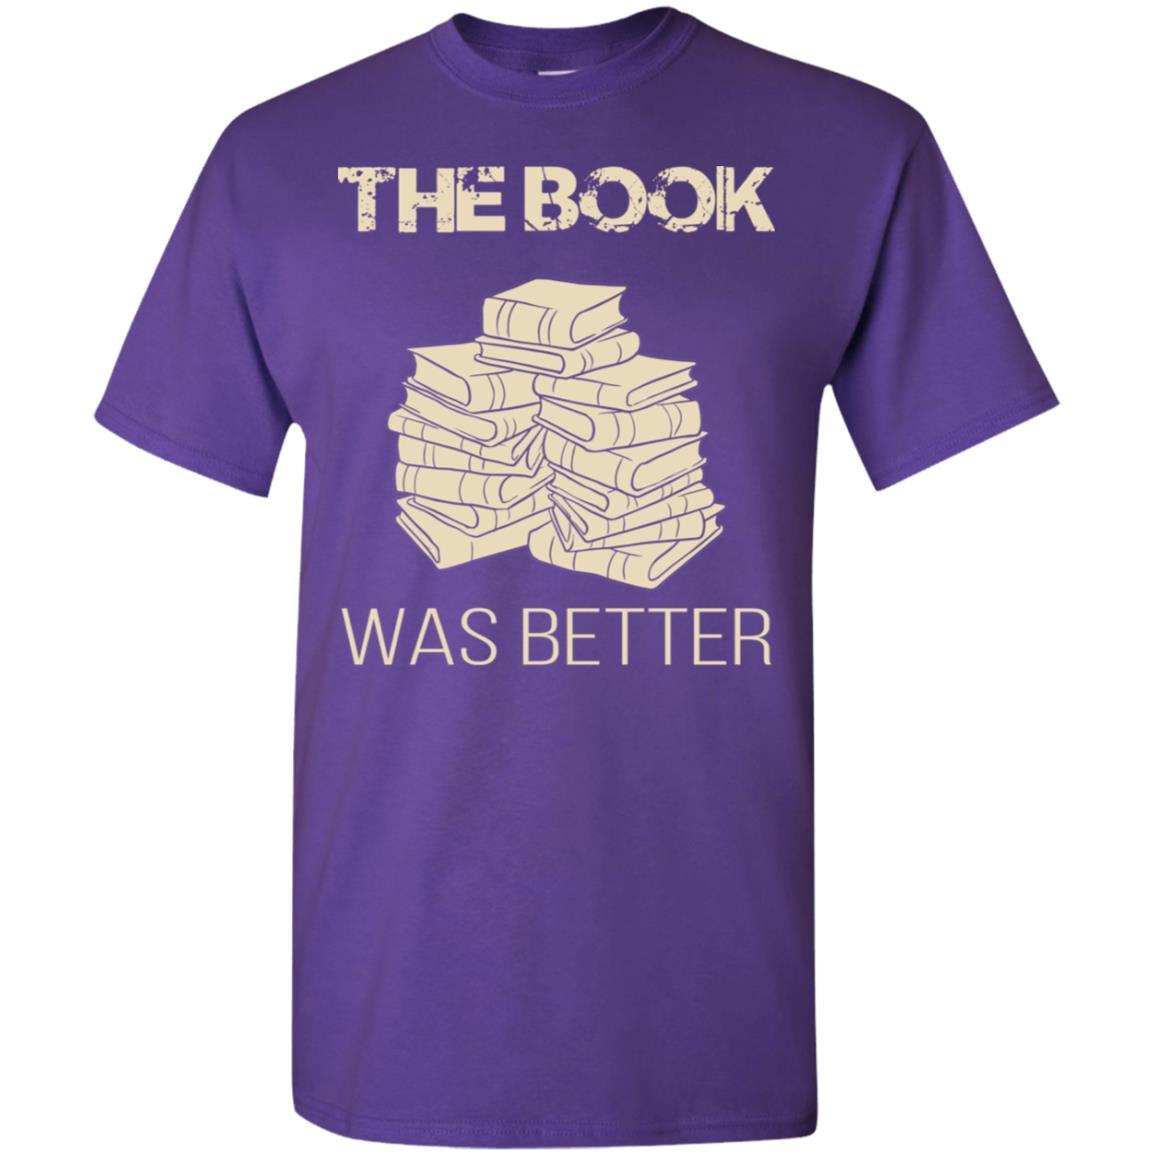 The Book Was Better Shirt Book Lover Shirt Book Lover Tee Book Lover Gift Book Shirt Book Gift Unisex Jersey Short Sleeve Tee